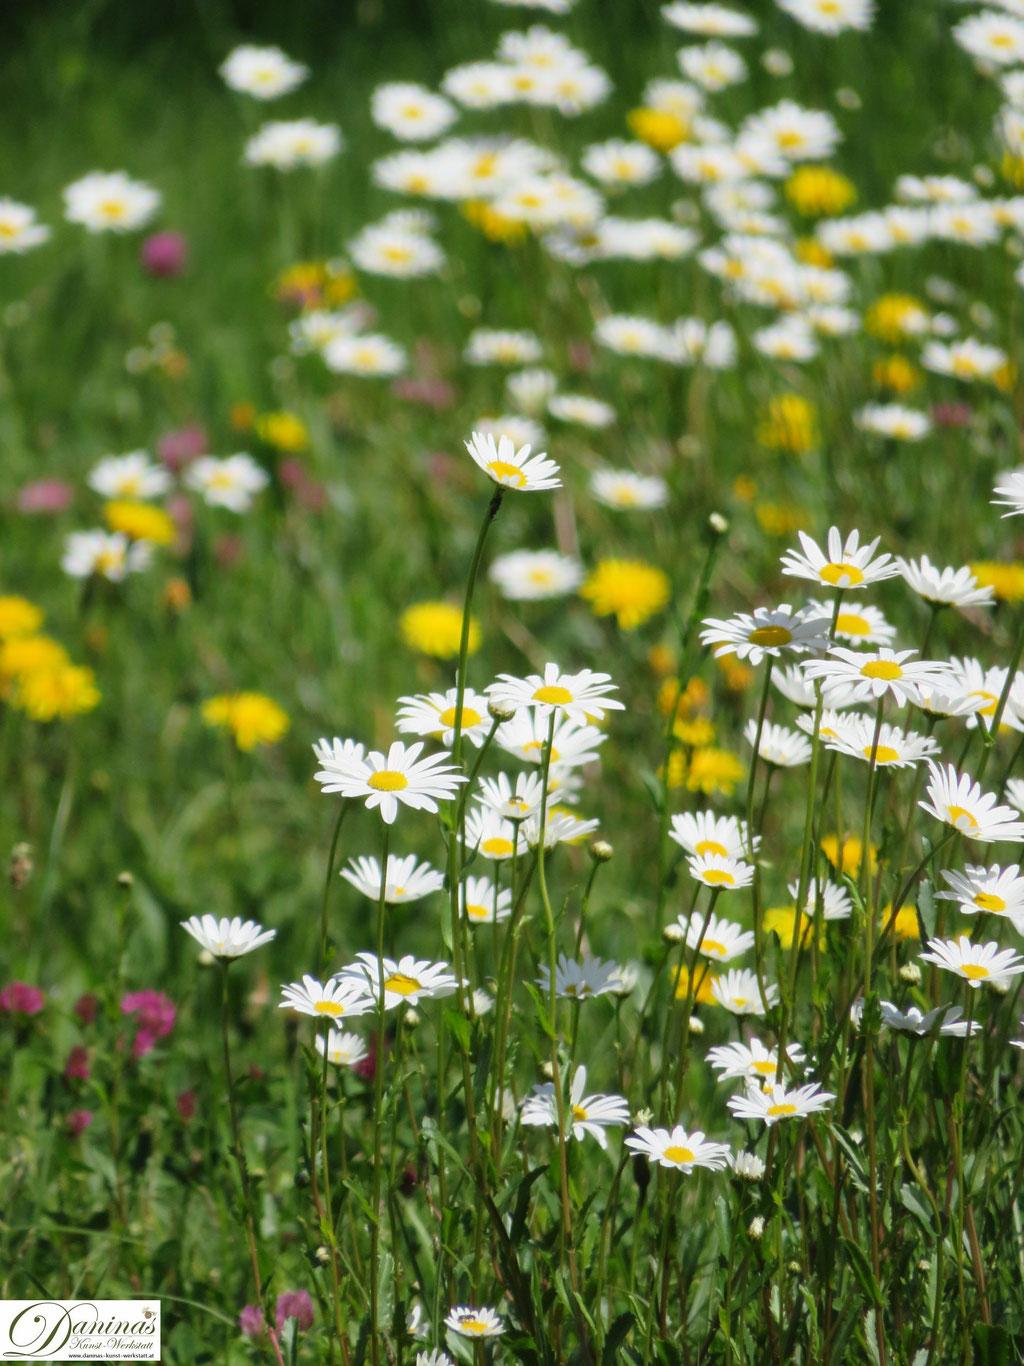 Blumenwiese mit Margeriten, Löwenzahn und blühendem Klee